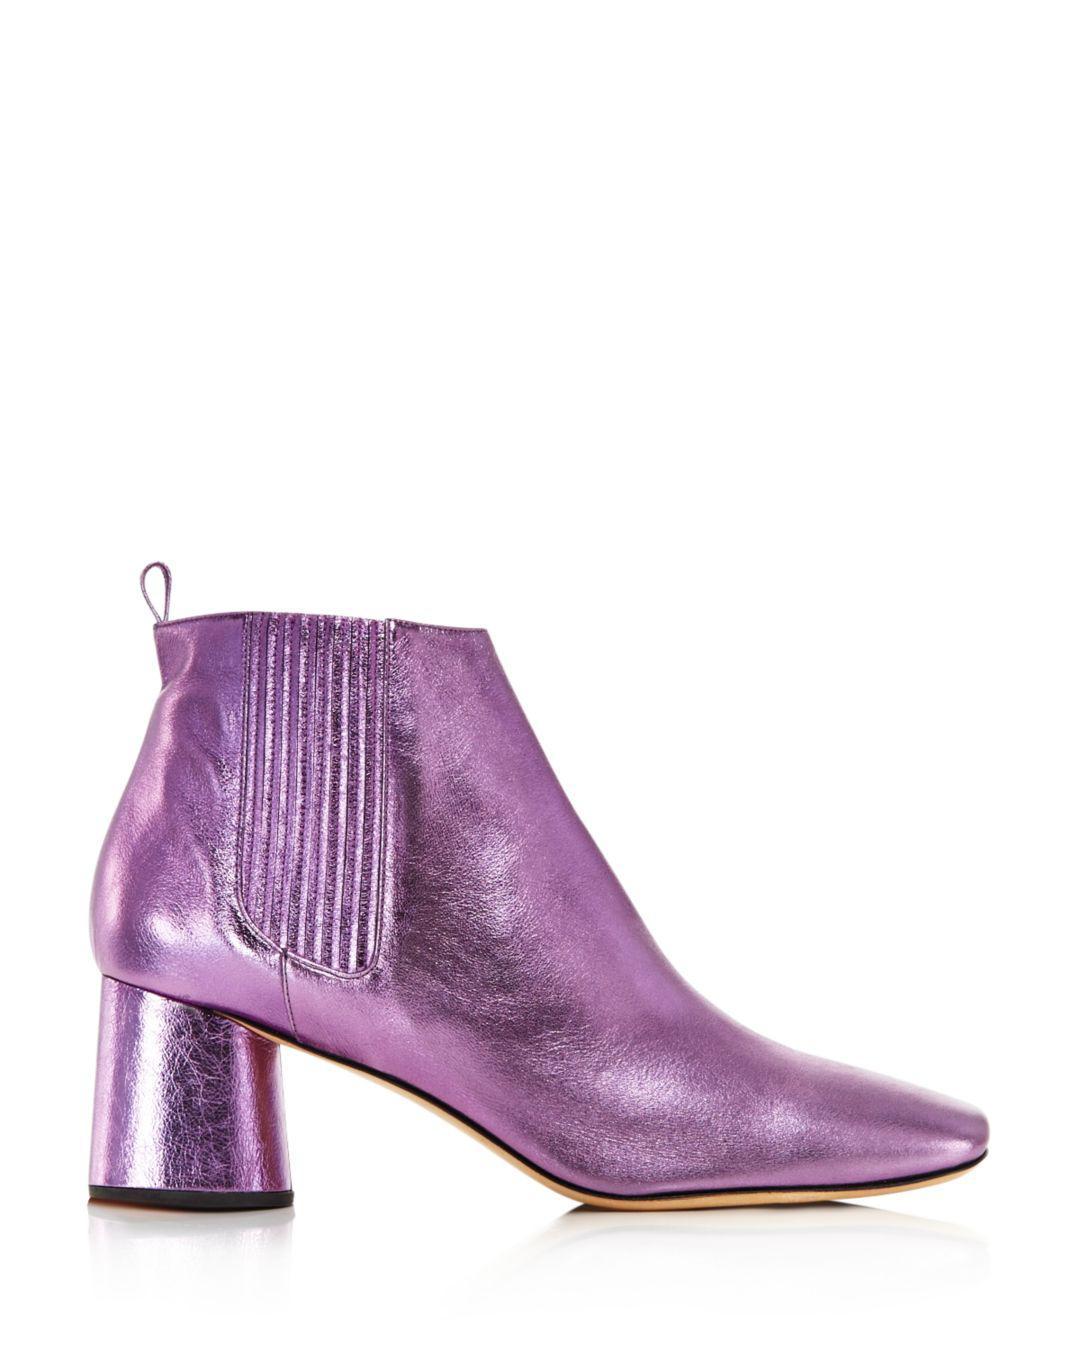 d6dfe6104d9c Lyst - Marc Jacobs Women s Rocket Round Block Heel Chelsea Booties in Purple